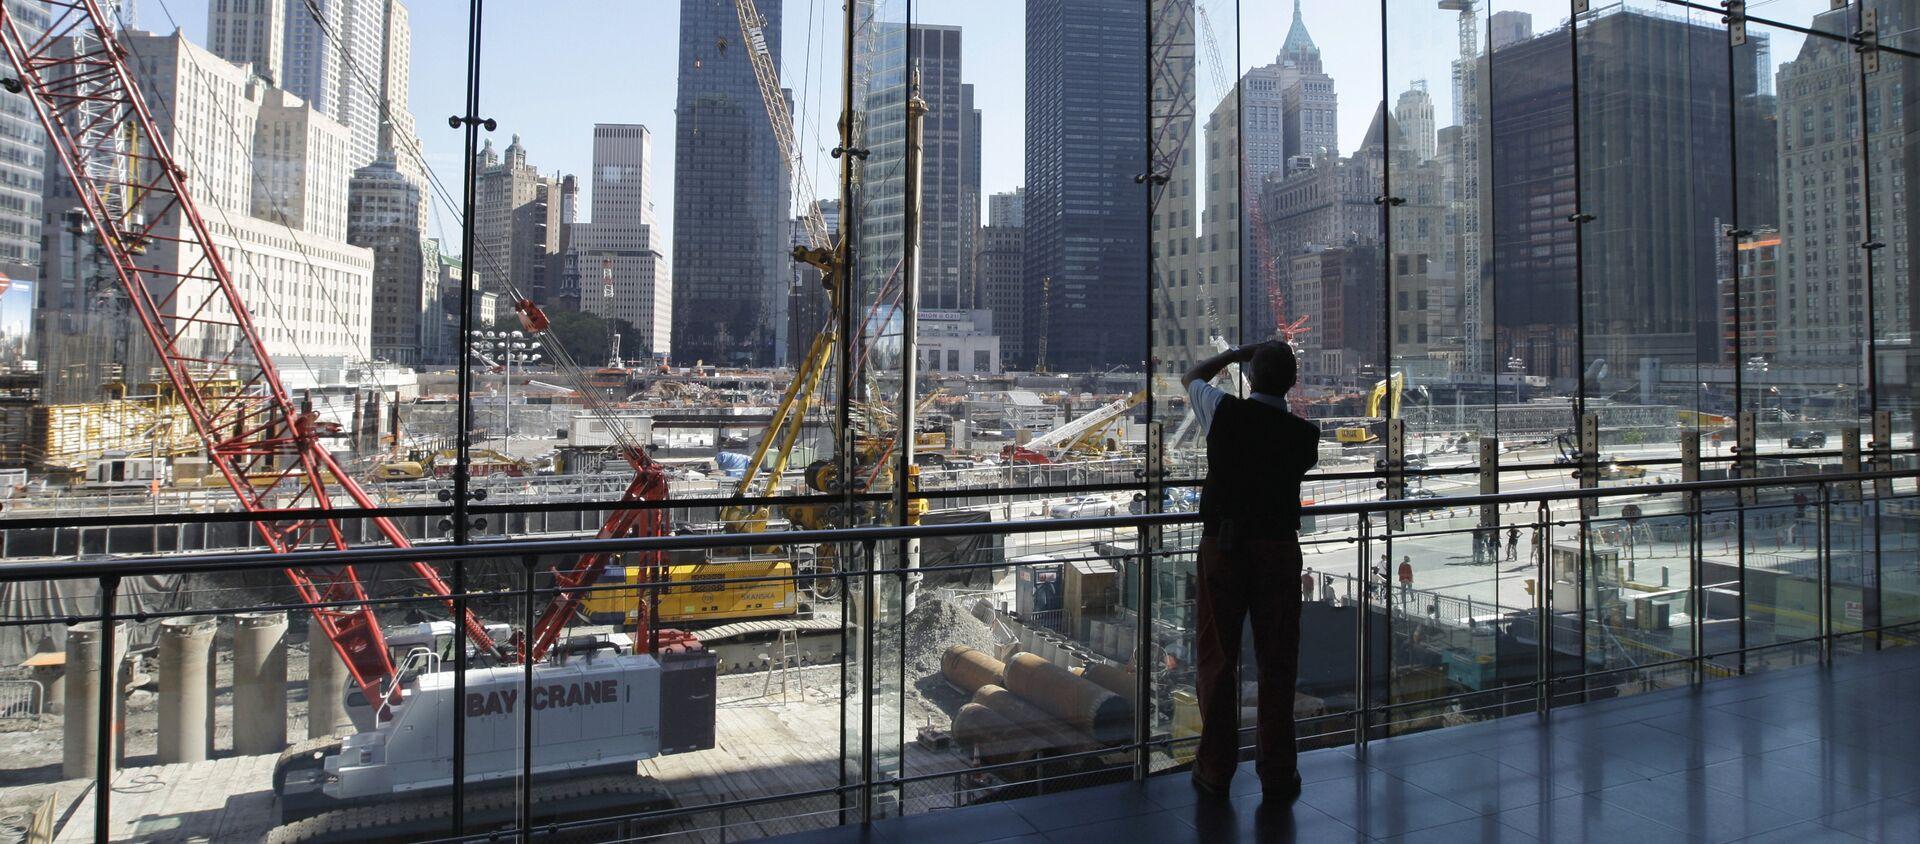 Стройка на месте разрушенных башен-близнецов в Нью-Йорке - Sputnik Армения, 1920, 08.09.2016